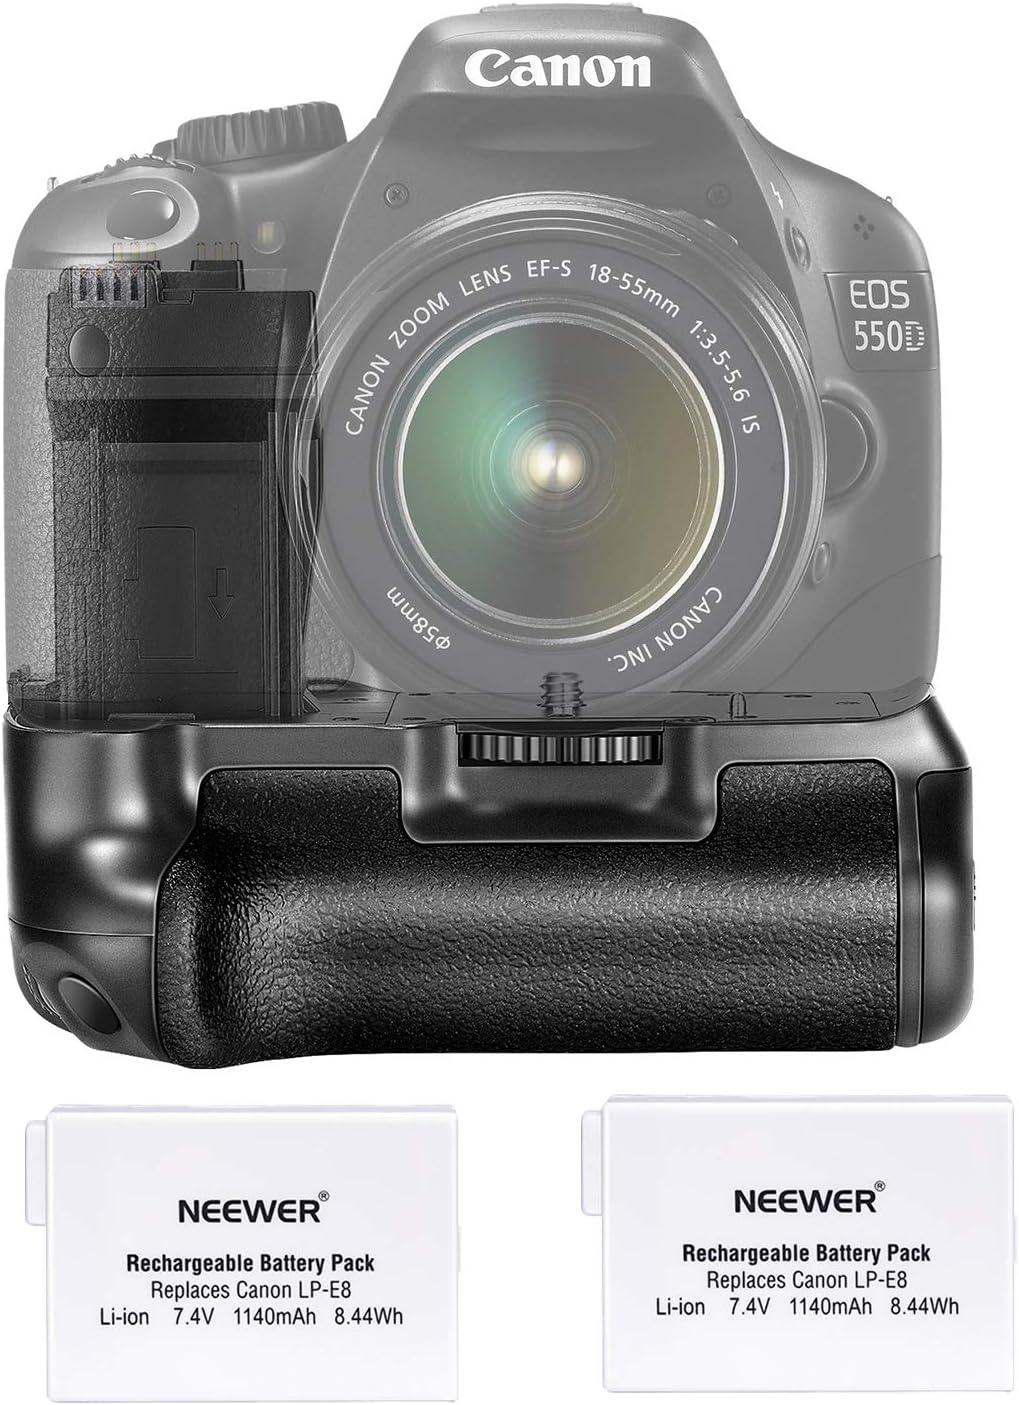 Neewer Pro Empuñadura de Batería (Reemplazo de BG-E8) para Canon EOS 550D/600D/650D/700D Rebel T2i/T3i/T4i/T5i + 2x Reemplazo de Batería LP-E8 7.4V 1140mAh: Amazon.es: Electrónica